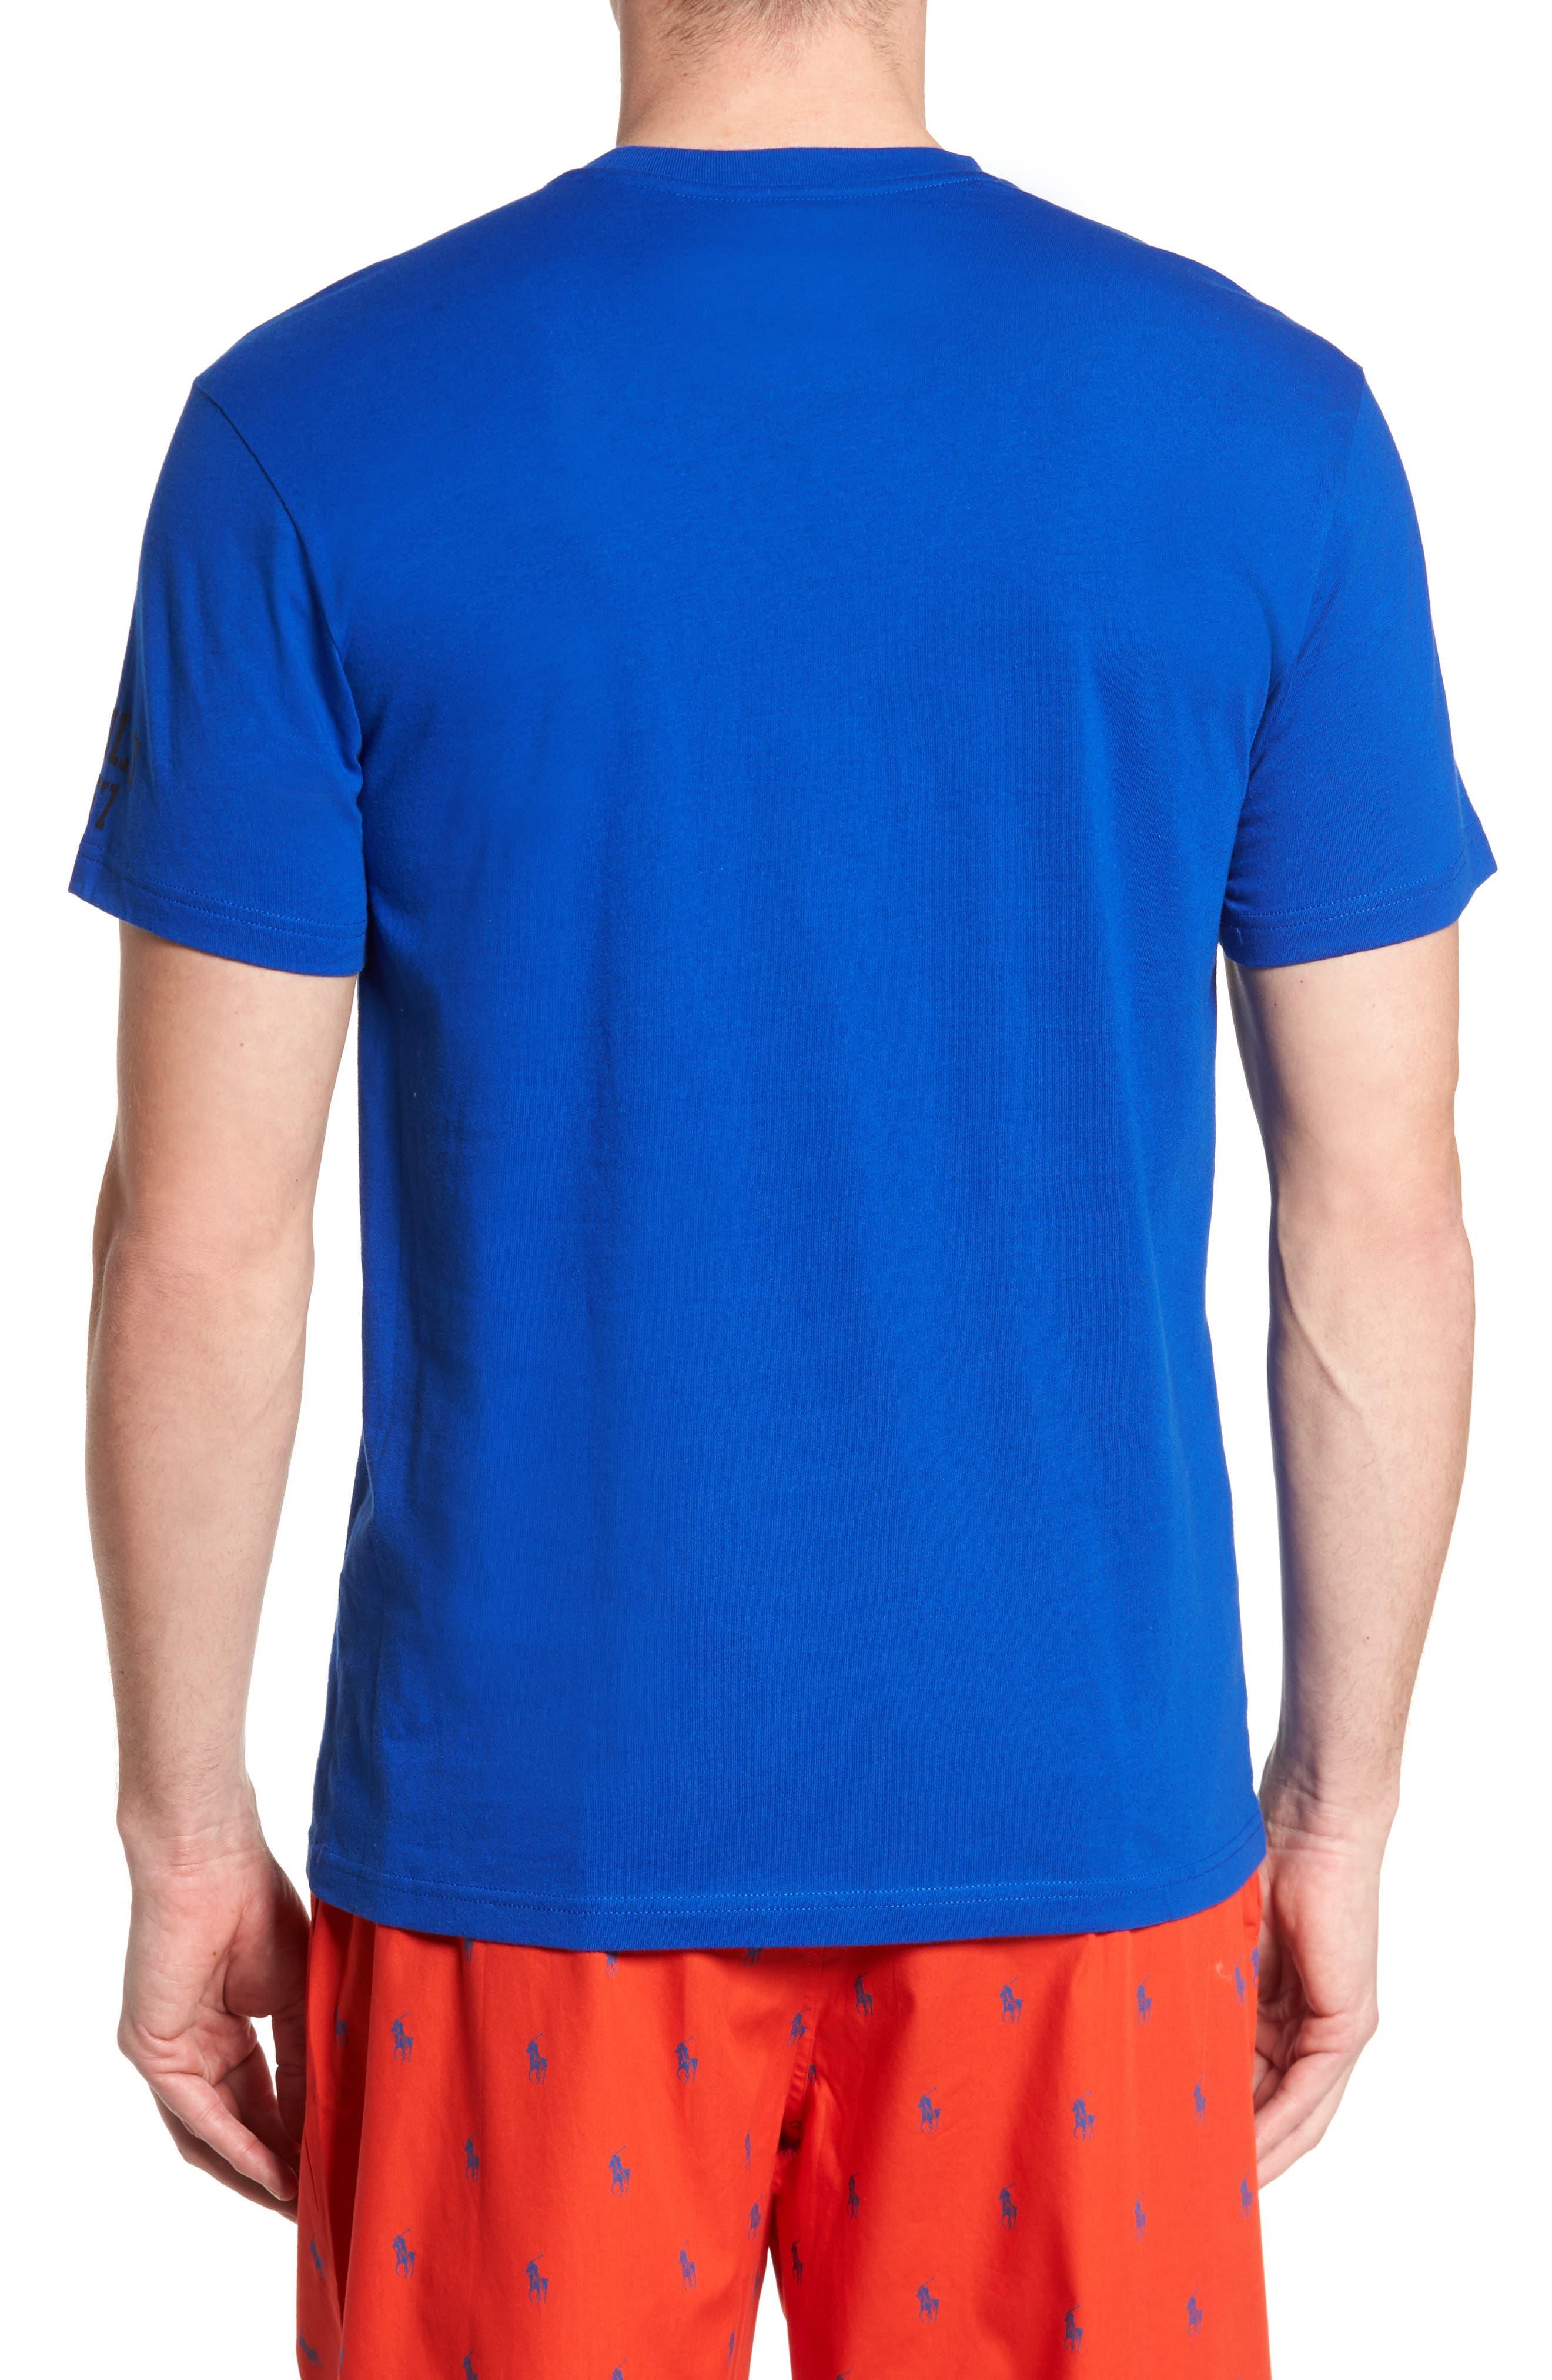 Polo Ralph Lauren Crewneck T-Shirt,                             Alternate thumbnail 2, color,                             414